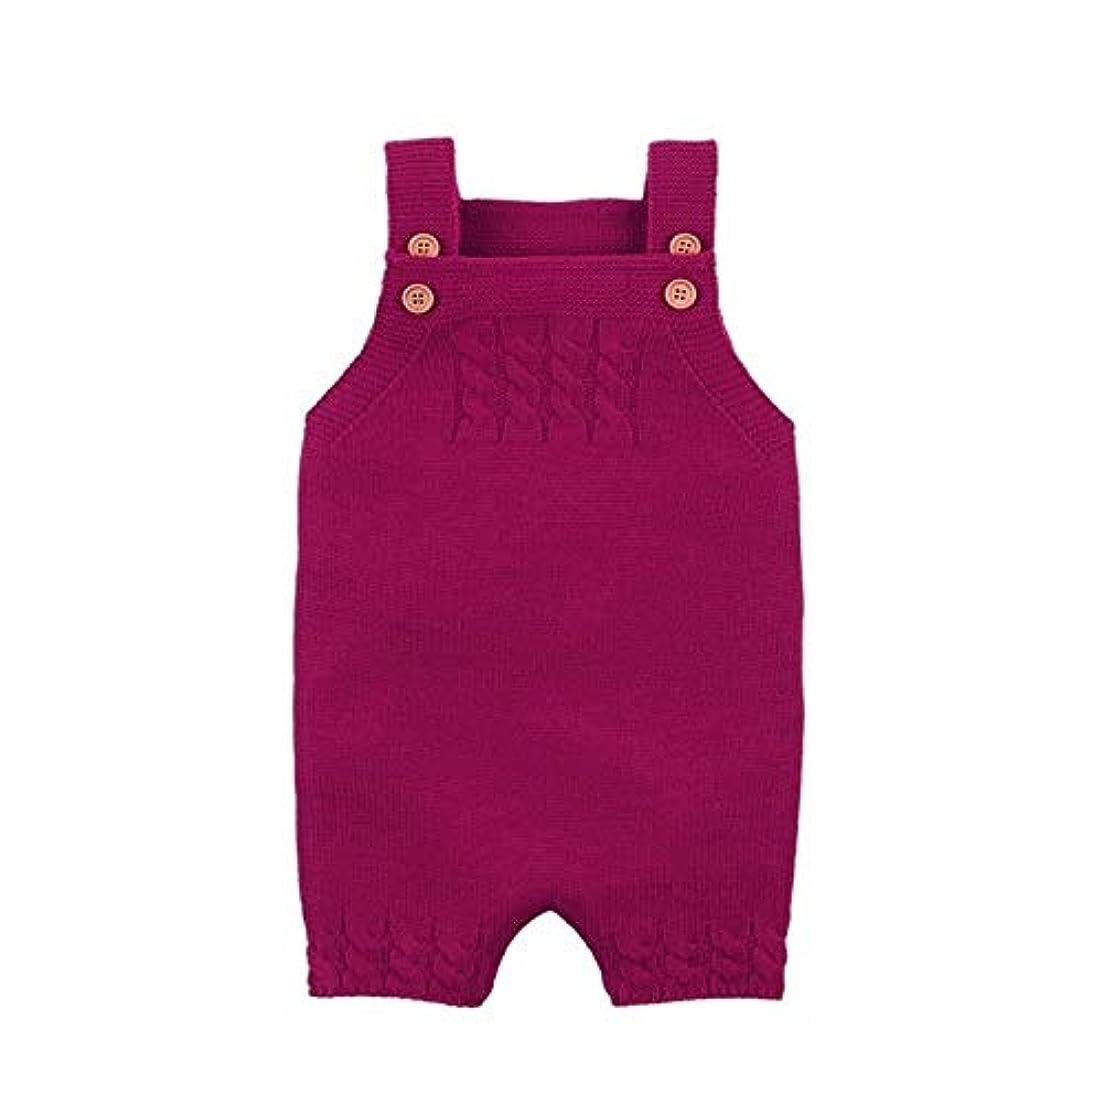 カレッジすでに子豚ベビーロンパースセット幼児スーツ全体のノースリーブの赤ちゃんの服秋のニット女の子の赤ちゃんのカジュアル服 (Color : I2 833, Kid Size : XL)